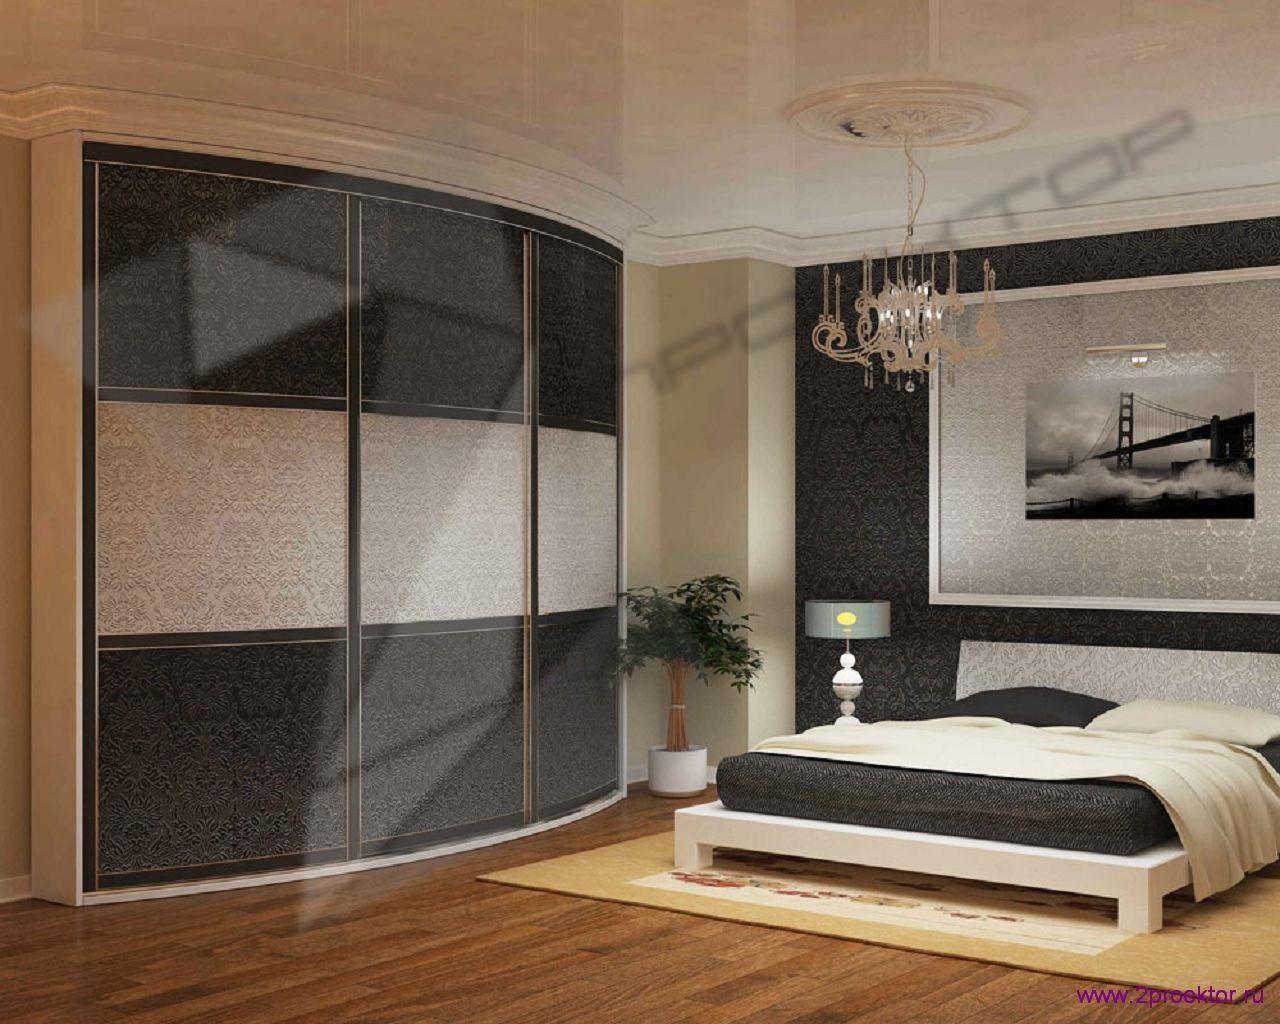 Дизайн спальни с угловым шкафом в Жилом комплексе Пальмира.